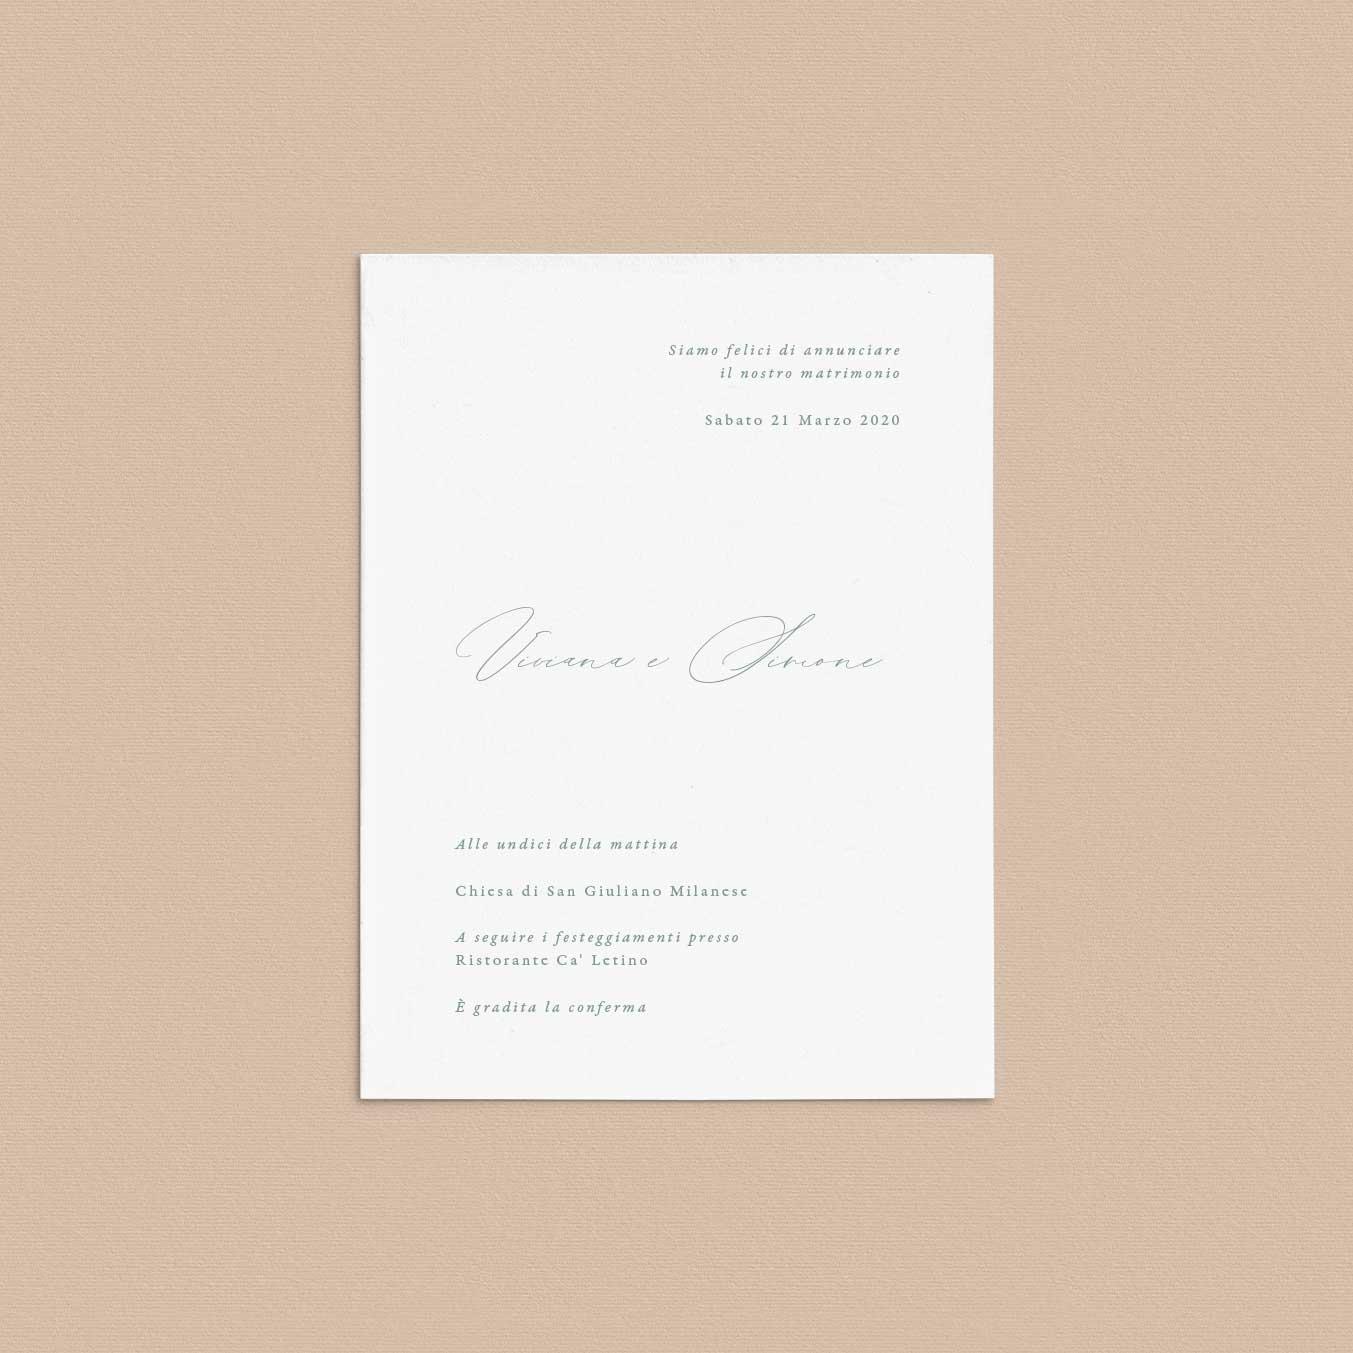 Partecipazioni-inviti-2020-essenziale-minimal-chic-fai-da-te-corsivo-scritti-a-mano-semplice-boho-moderno-wedding-invitation